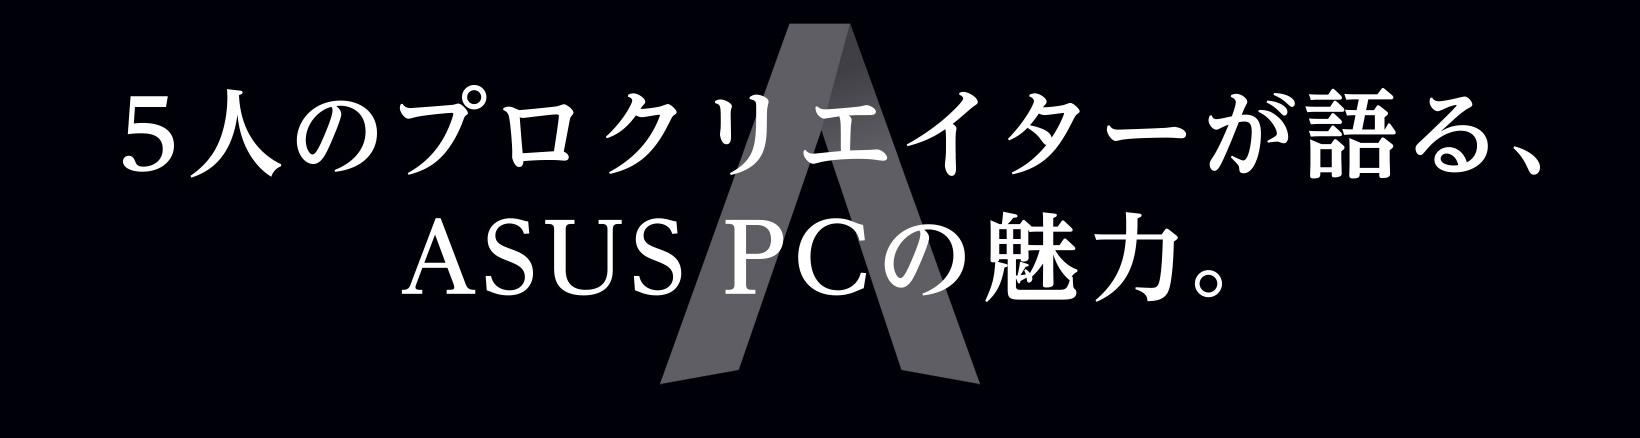 5人のプロクリエイターが語る、ASUS PCの魅力。